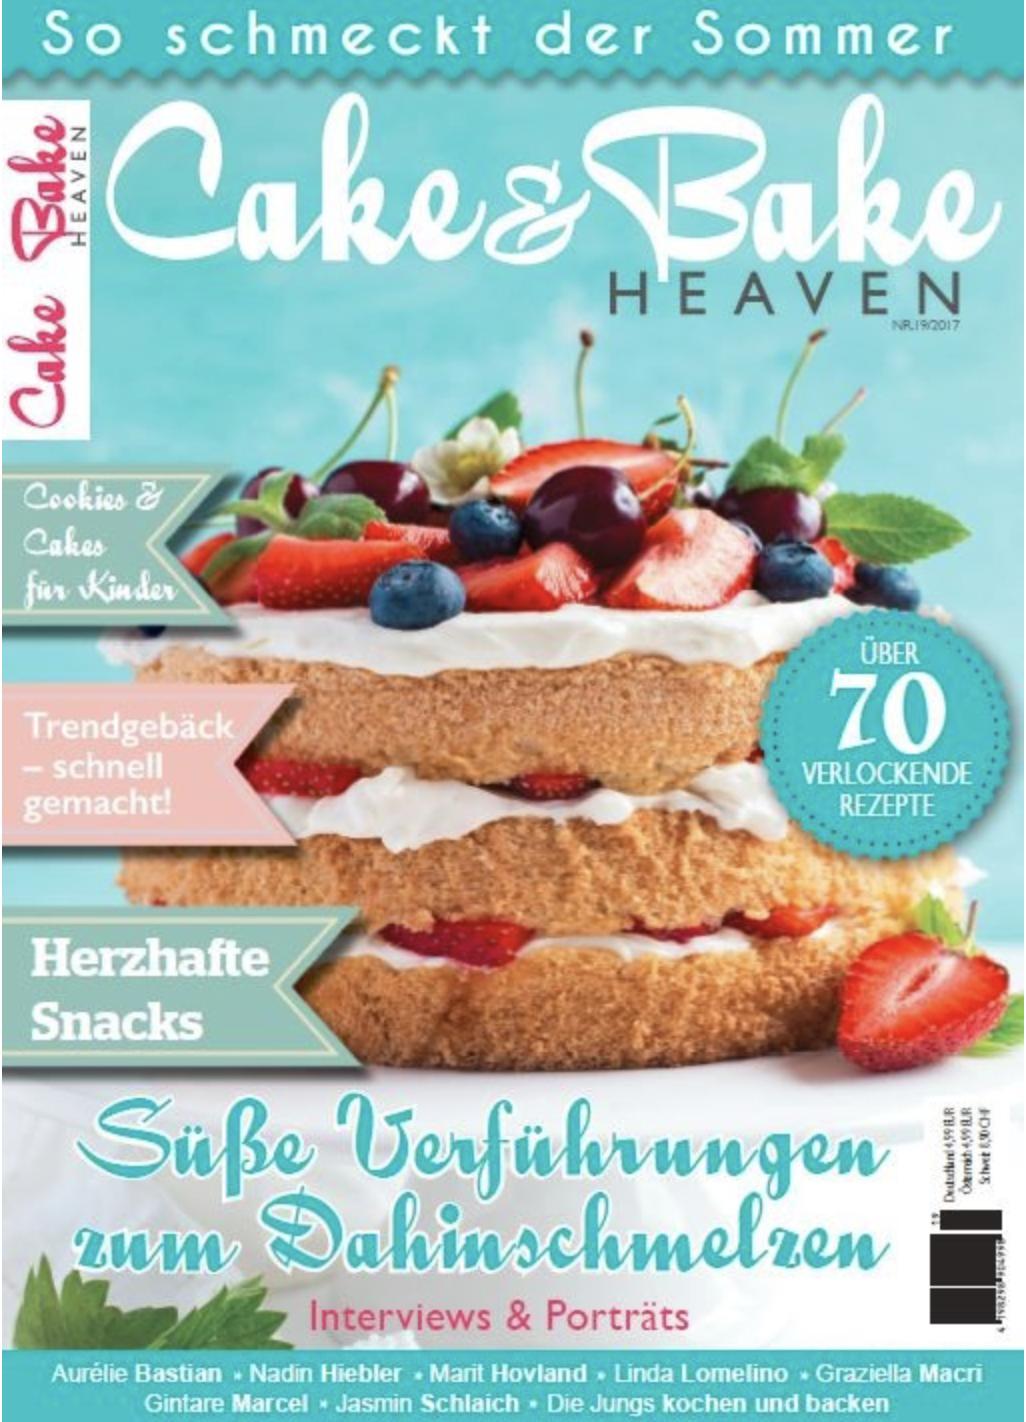 Cake&Bake Heaven_Die Jungs in der Presse_Interview_Rezepte im Magazin